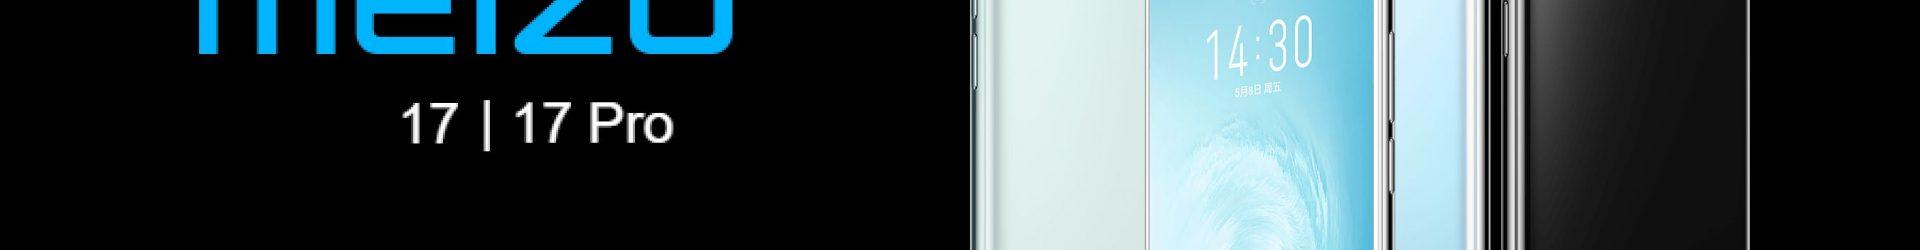 Meizu 17 e 17 Pro ufficiali: gli smartphone della rinascita per Meizu (?)